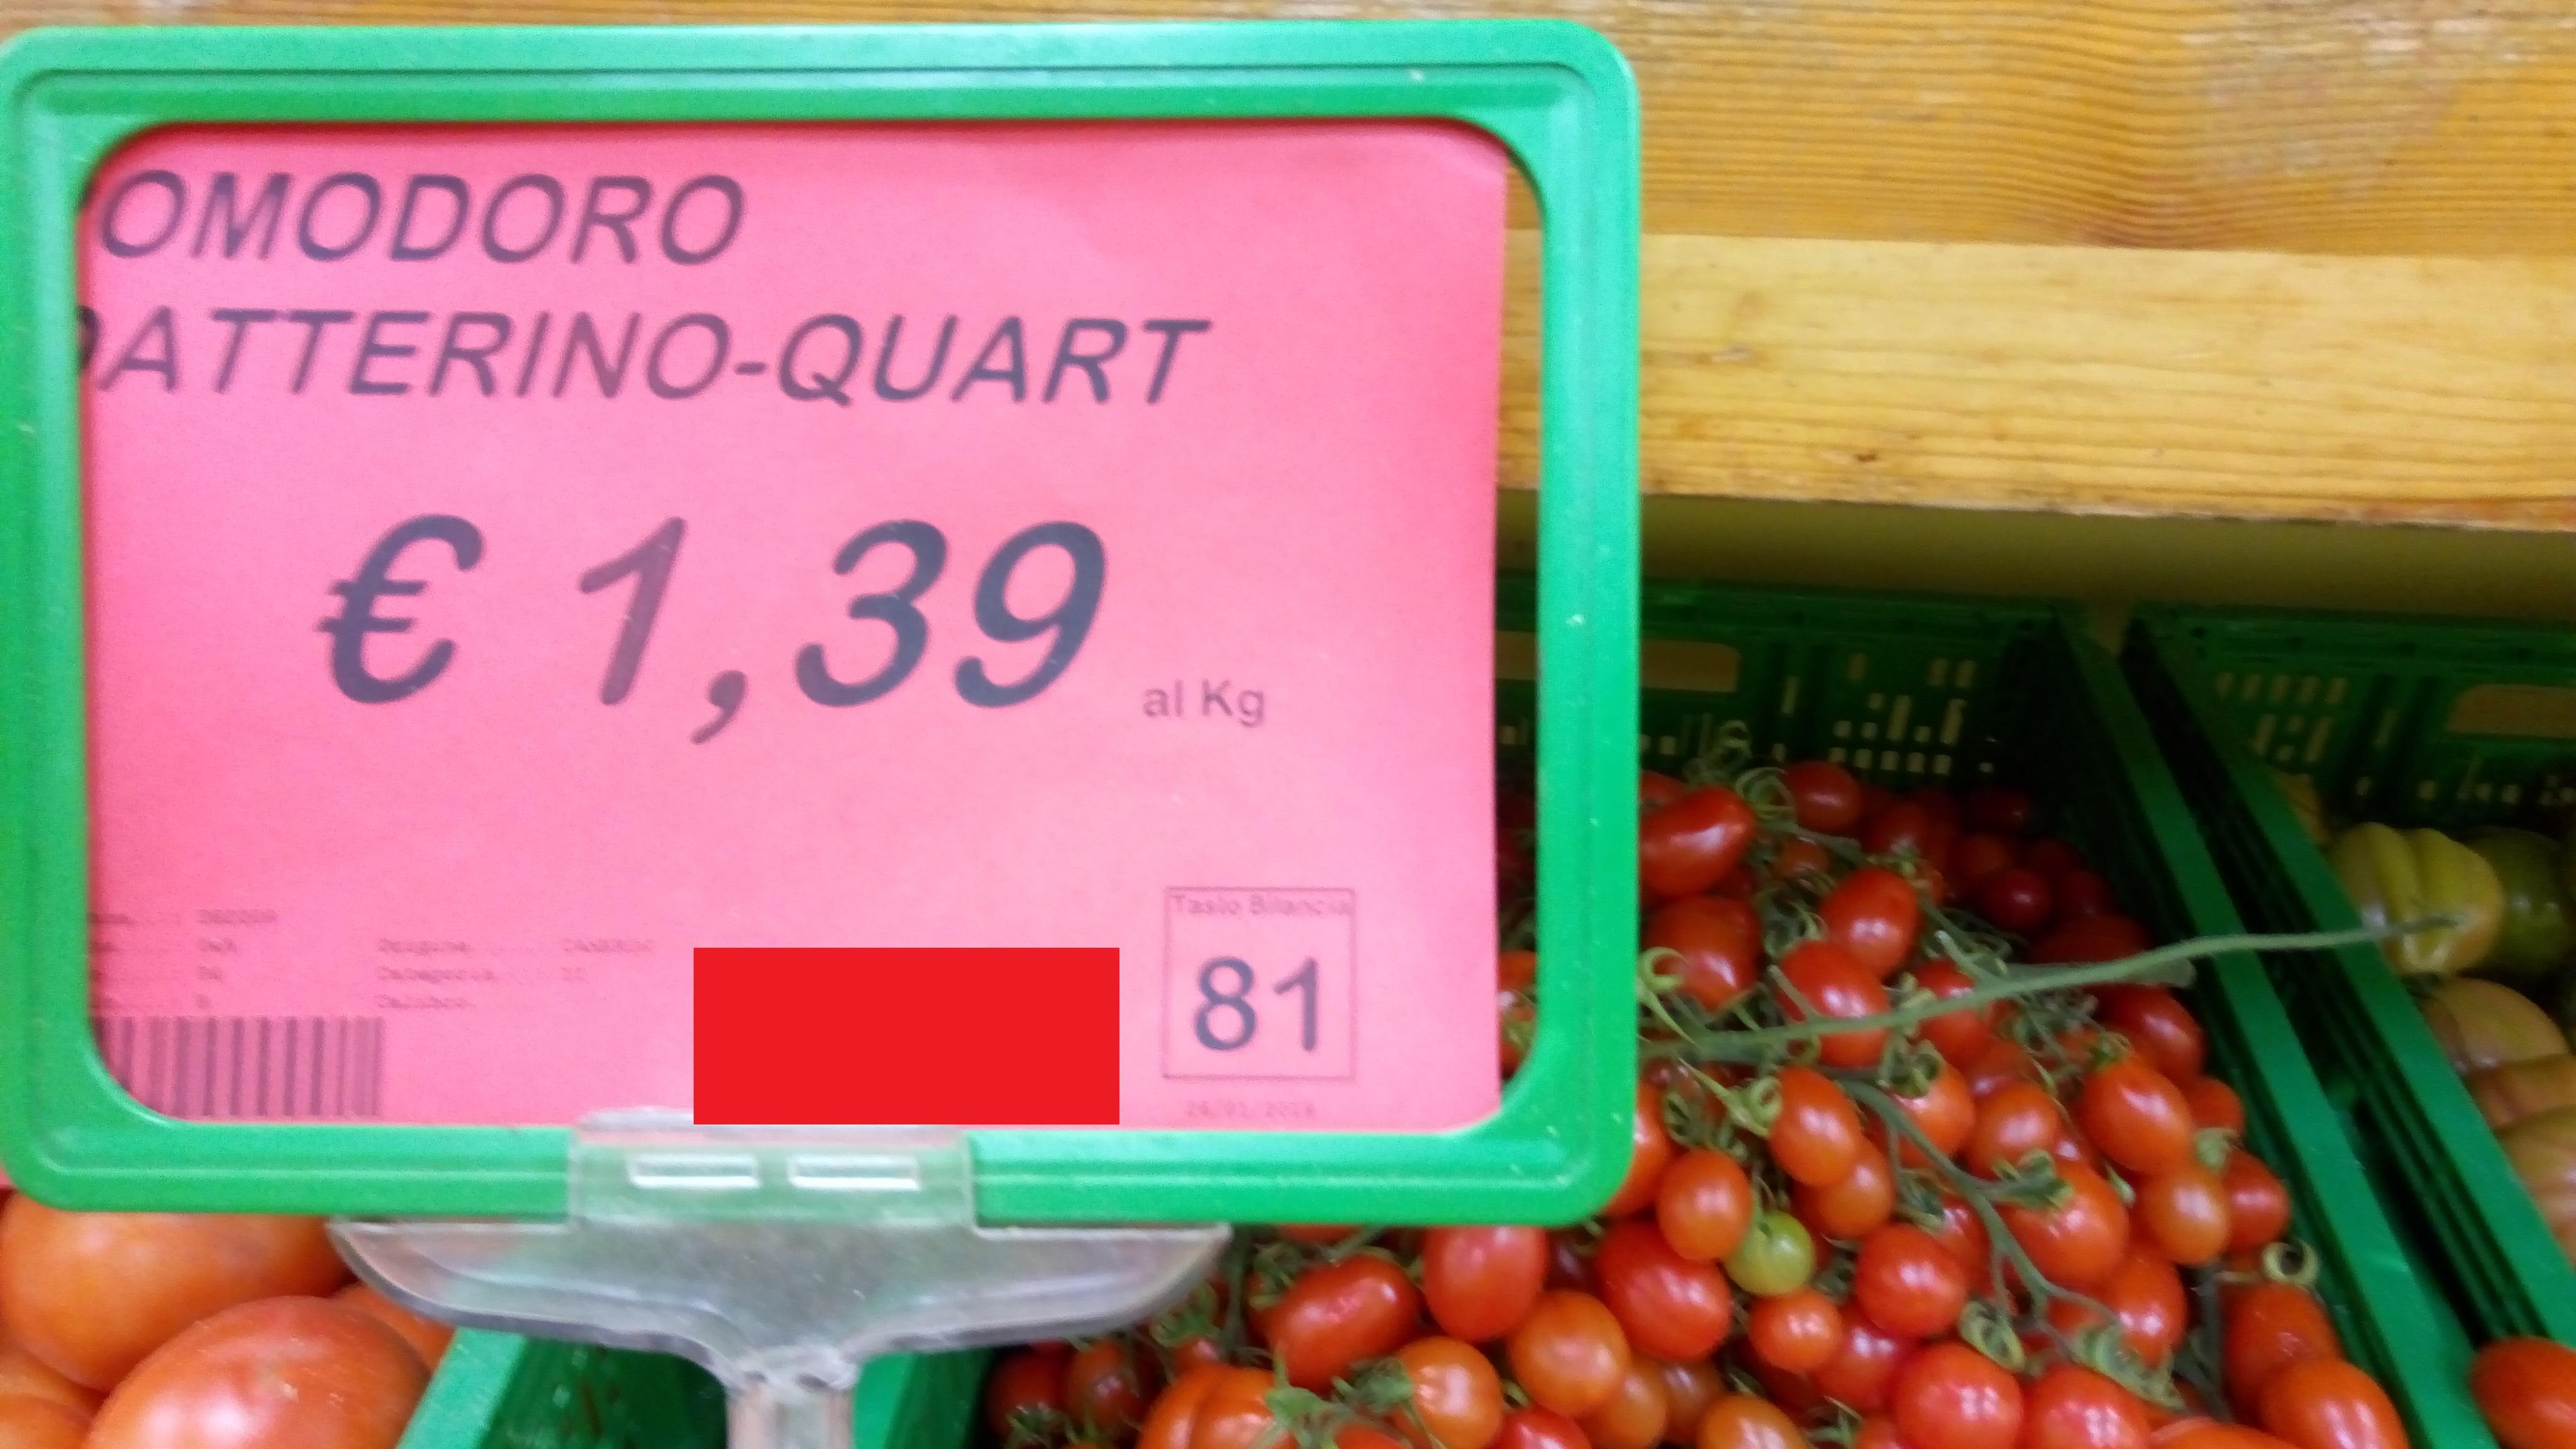 Pomodoro camerunense a Pachino (Sr). Corrao M5S Eu: Un insulto inaccettabile di Governo e Grande Distribuzione